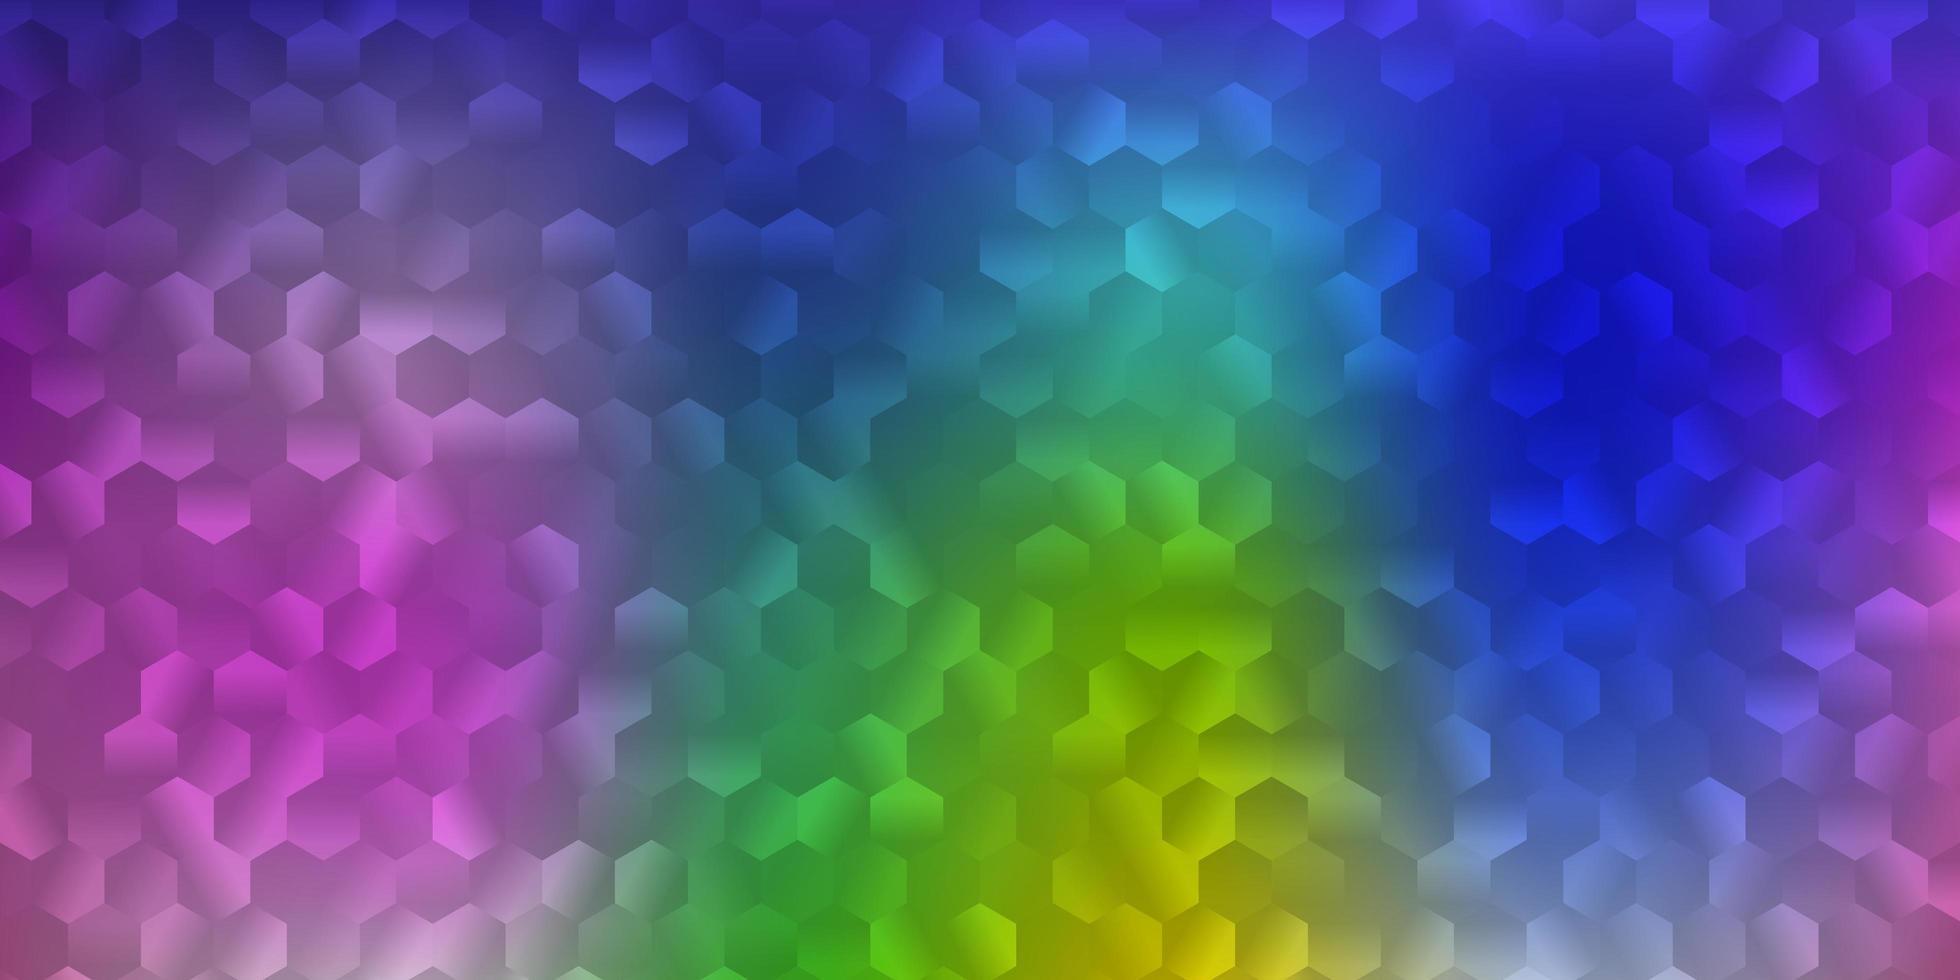 heller mehrfarbiger Vektorhintergrund mit chaotischen Formen. vektor